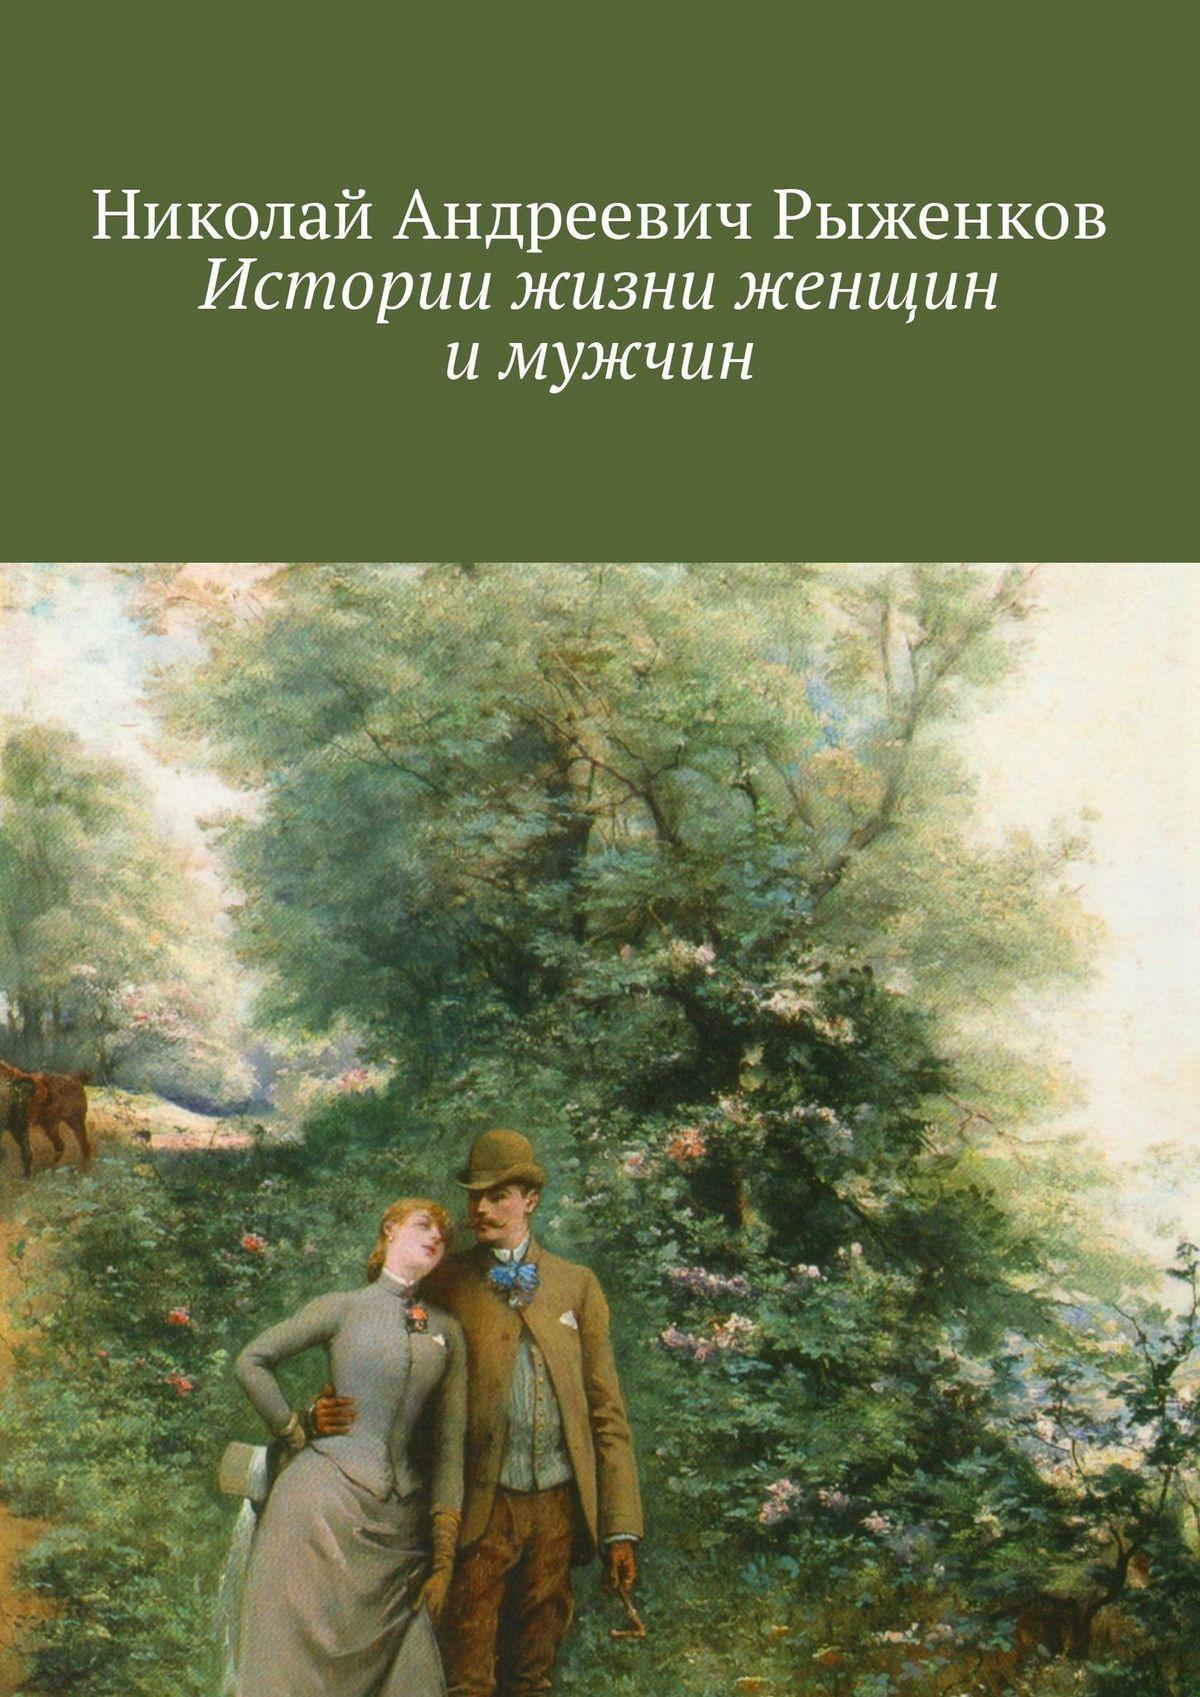 Николай Андреевич Рыженков Истории жизни женщин имужчин макаров николай андреевич